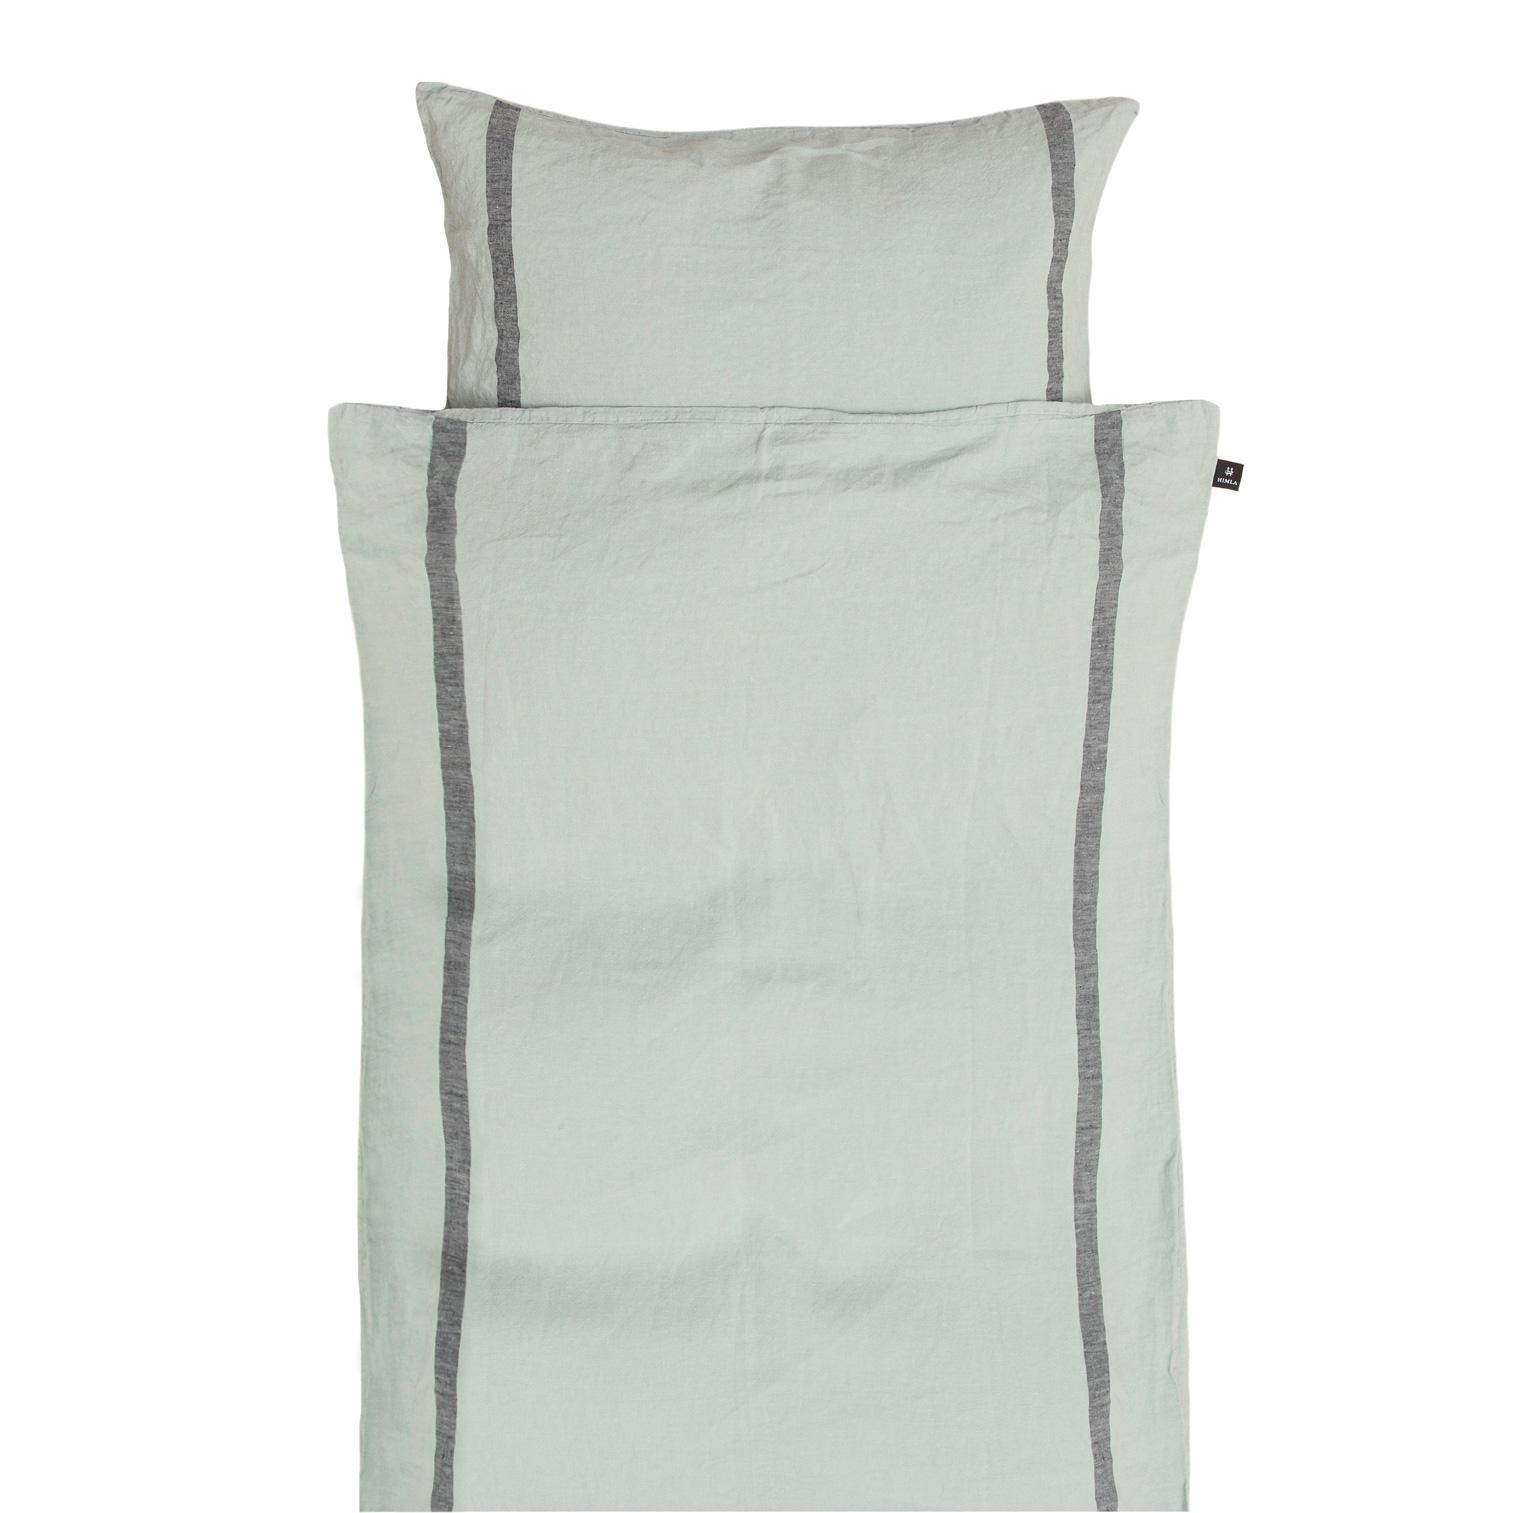 Brilliant Bettwäsche Cool Ideen Von The Stripe - Washed Linen Bettwäsche -